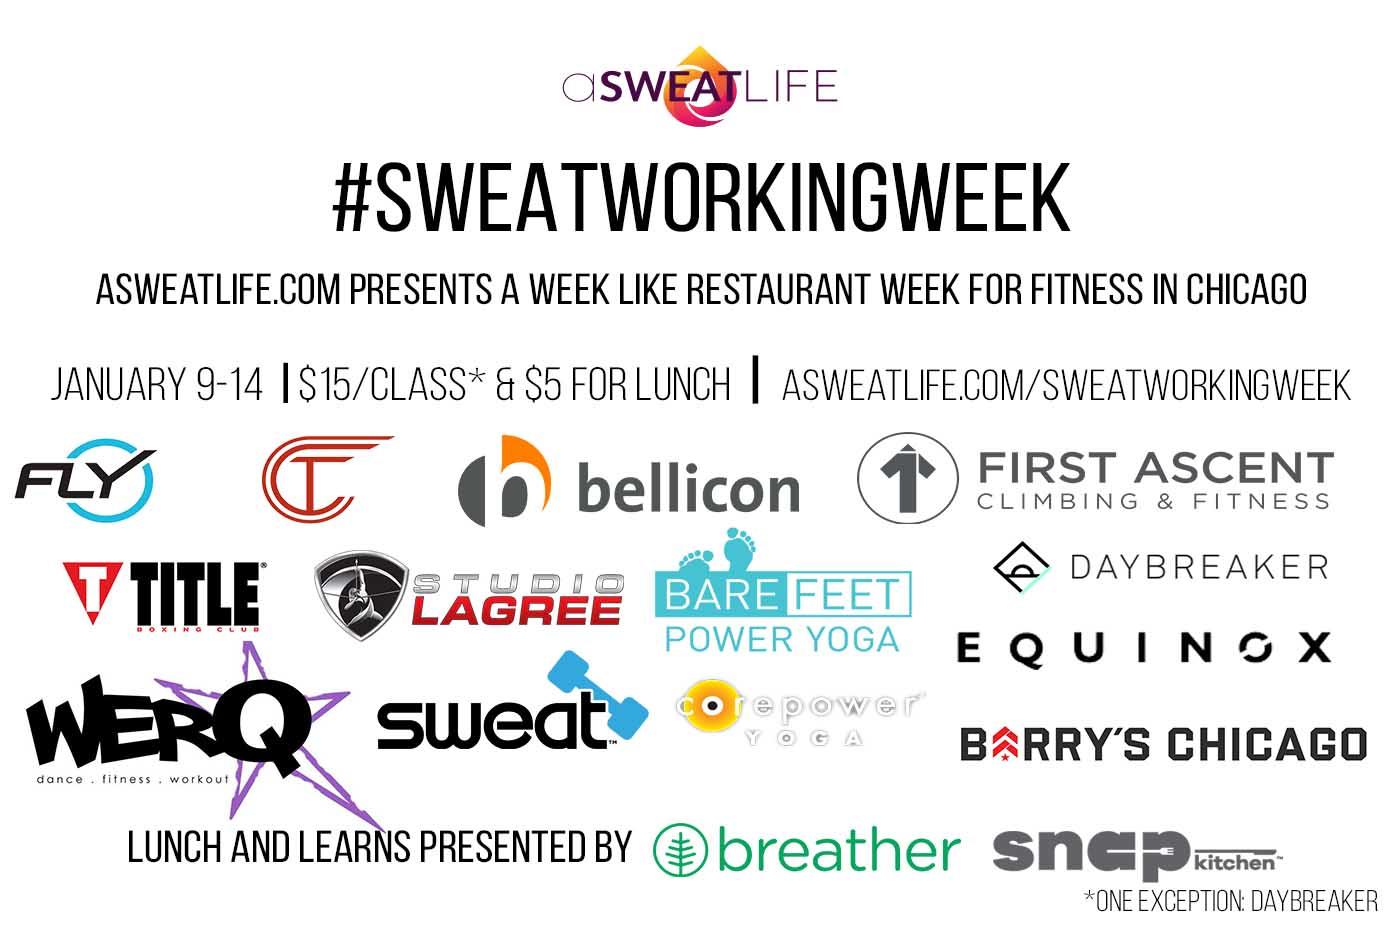 asweatlife_sweatworkingweek_promo-5